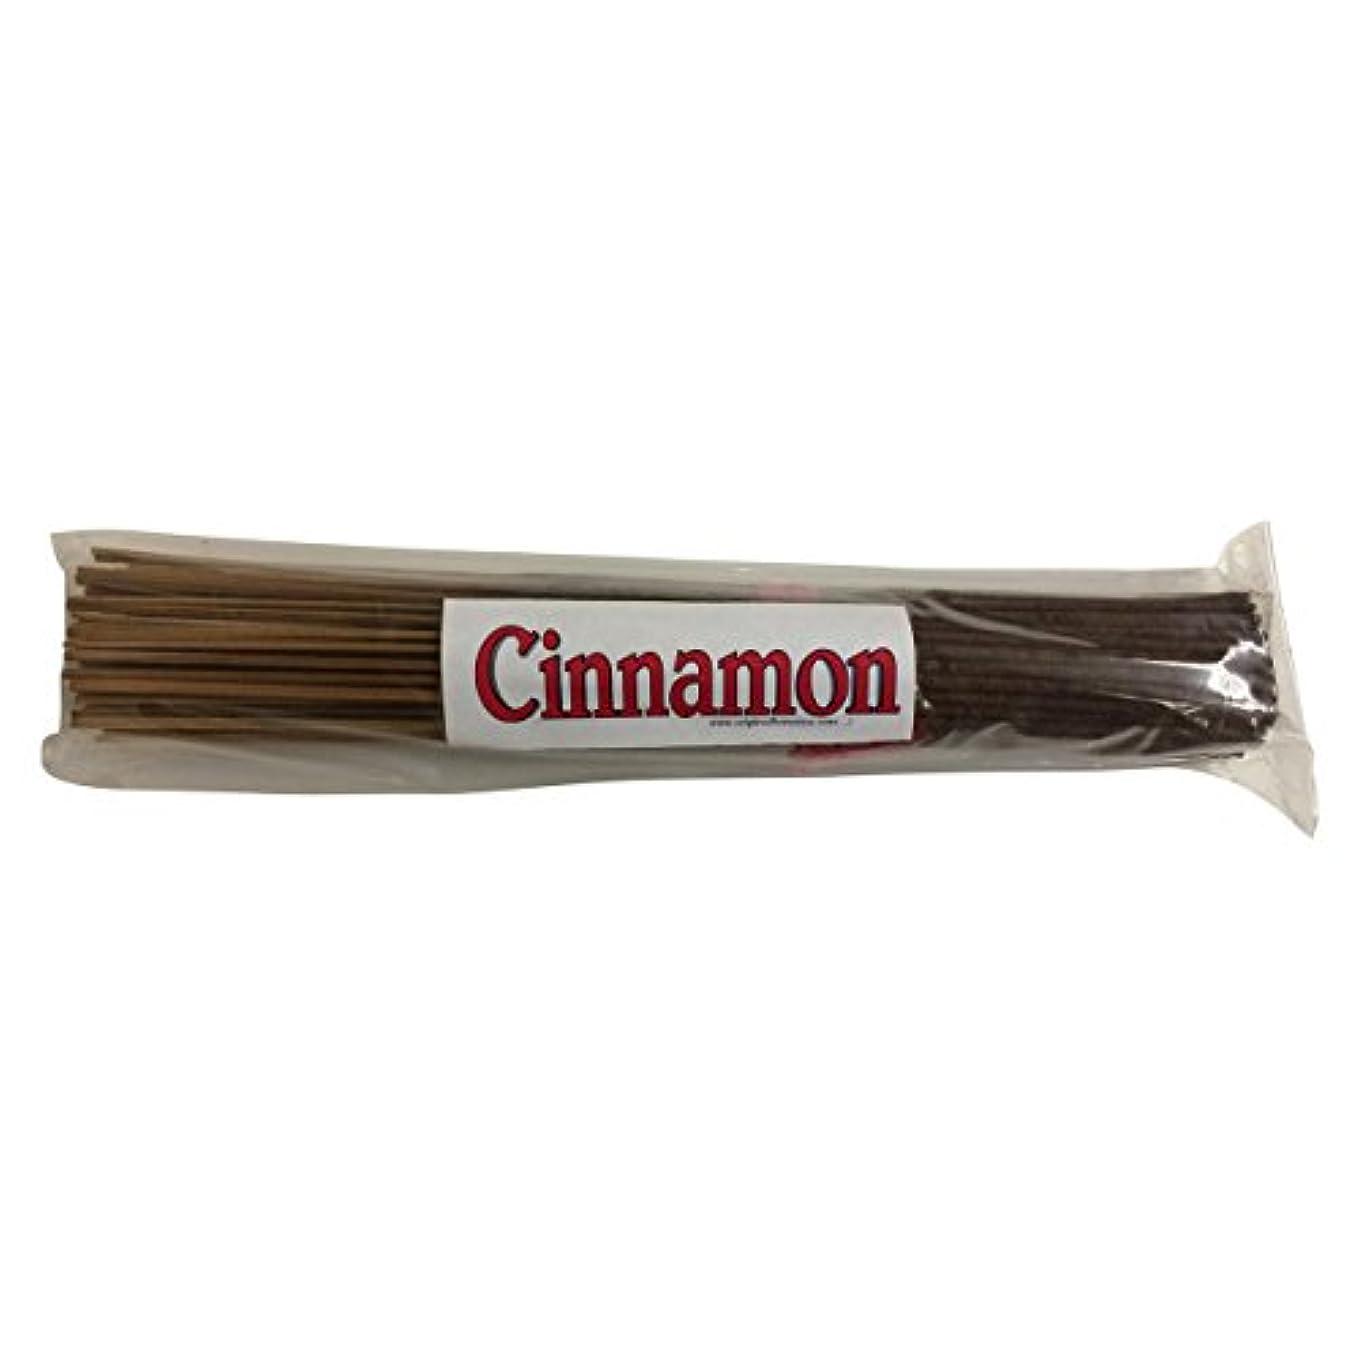 該当する頻繁にフロントCinnamon Incense Stick 10 1 /2